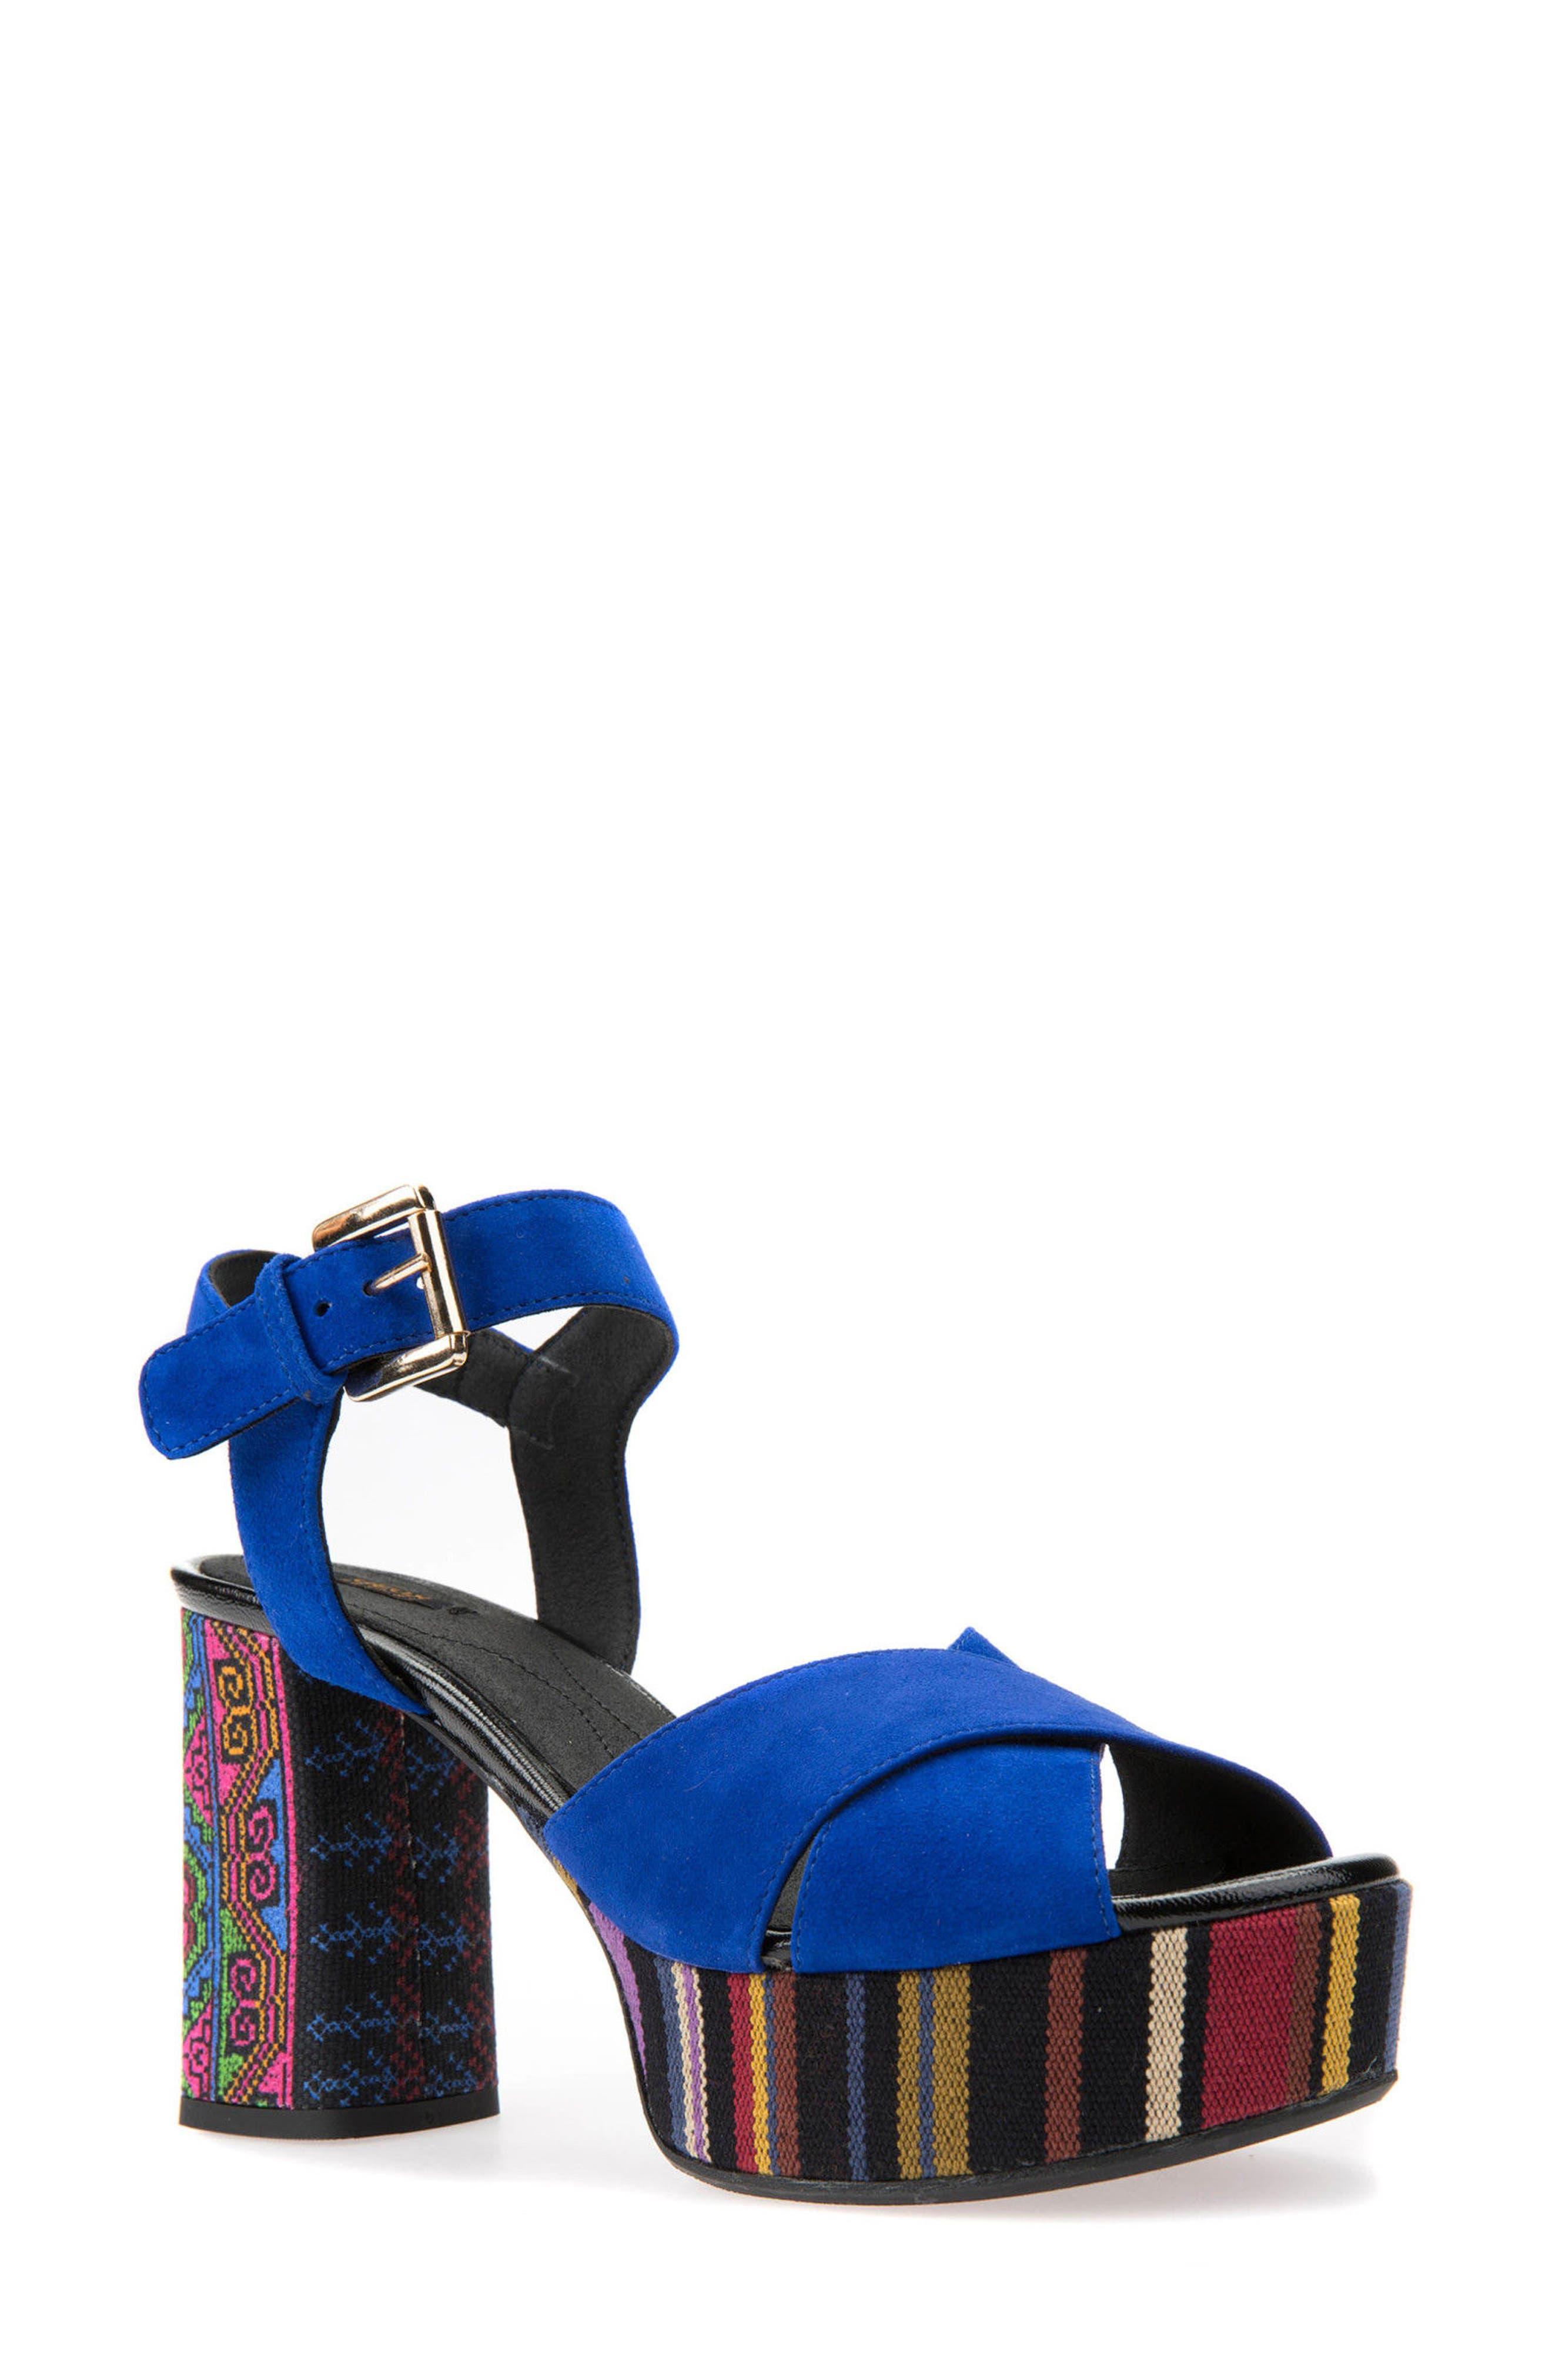 Galene 3 Platform Sandal,                         Main,                         color, Royal Suede